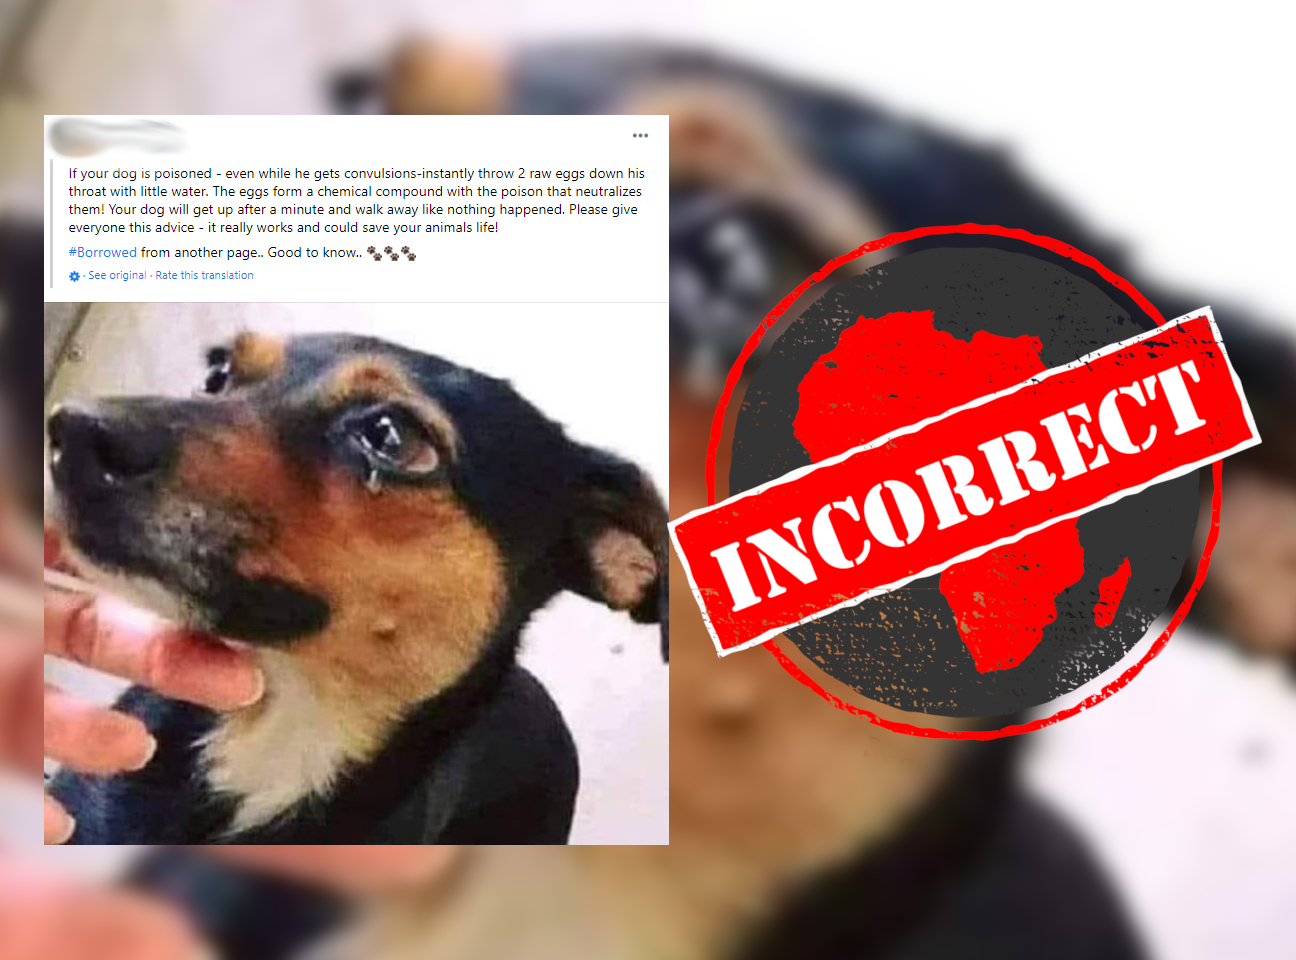 Dog_Incorrect